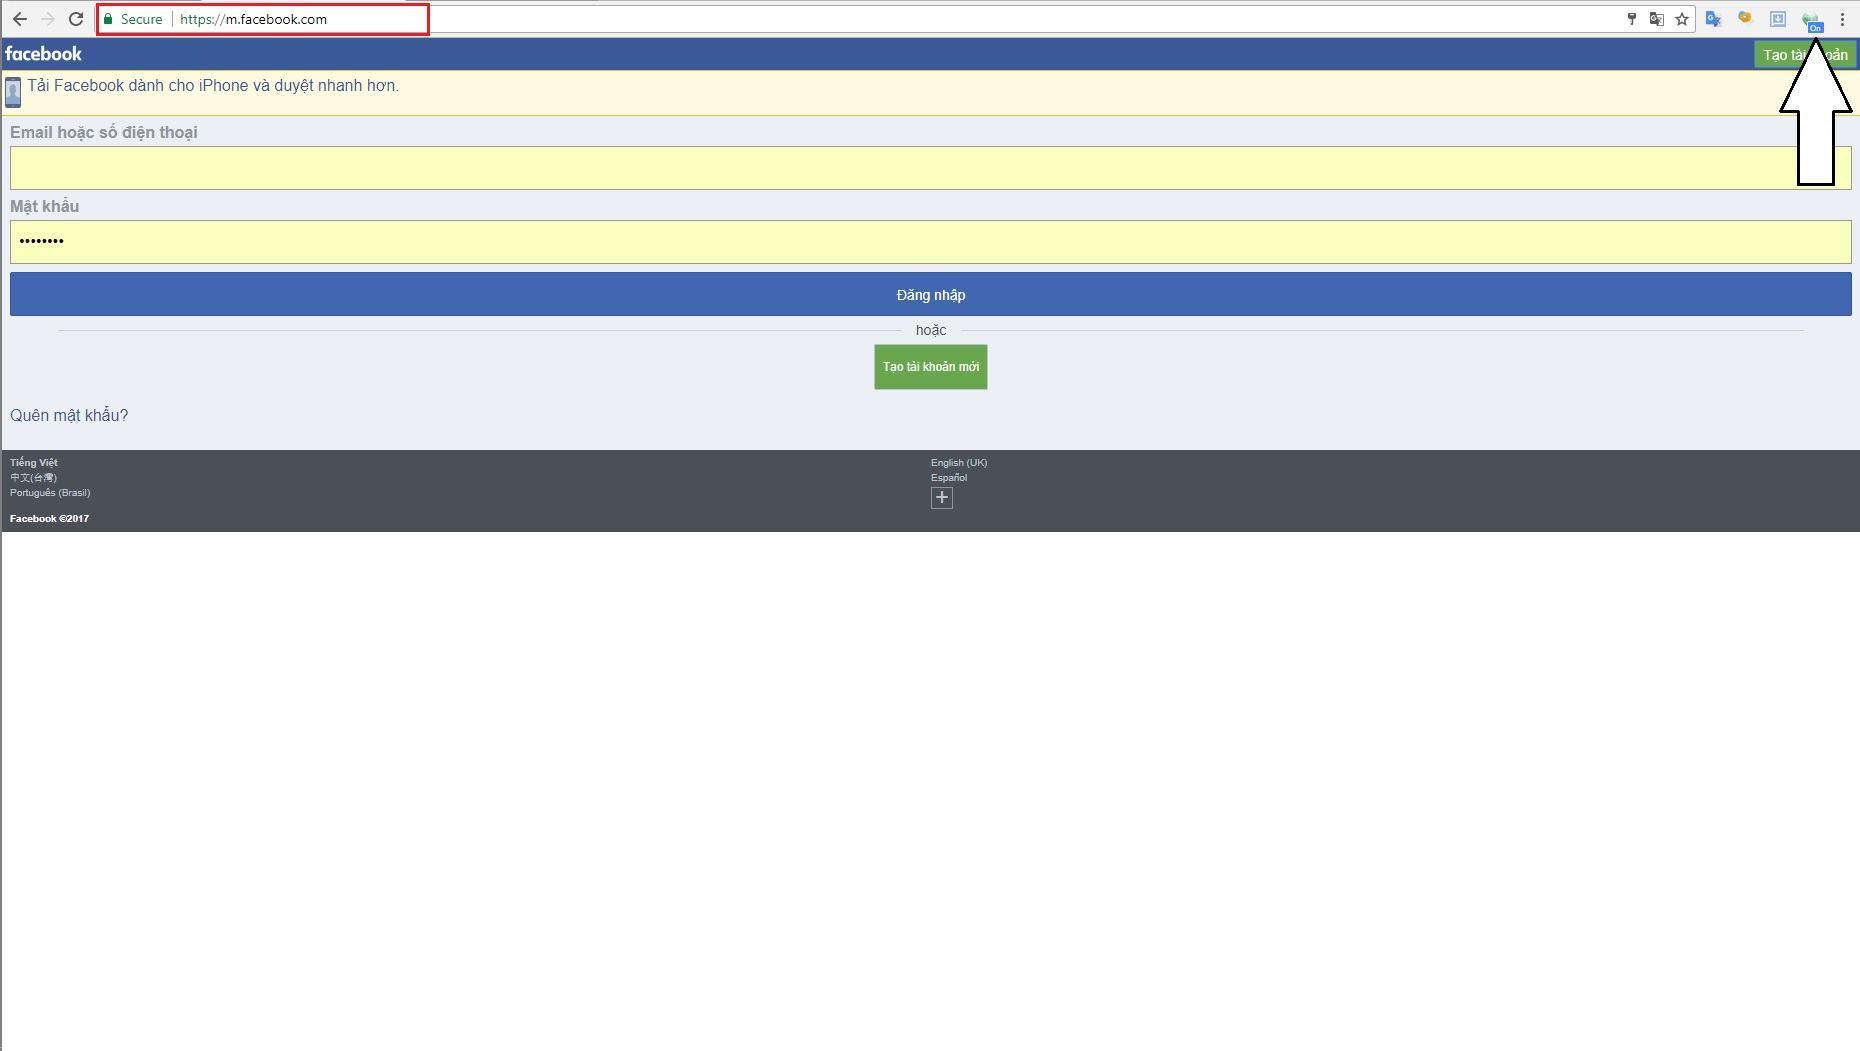 Vô hiệu hóa Facebook Malware Scanner - image 4 on https://atpsoftware.com.vn